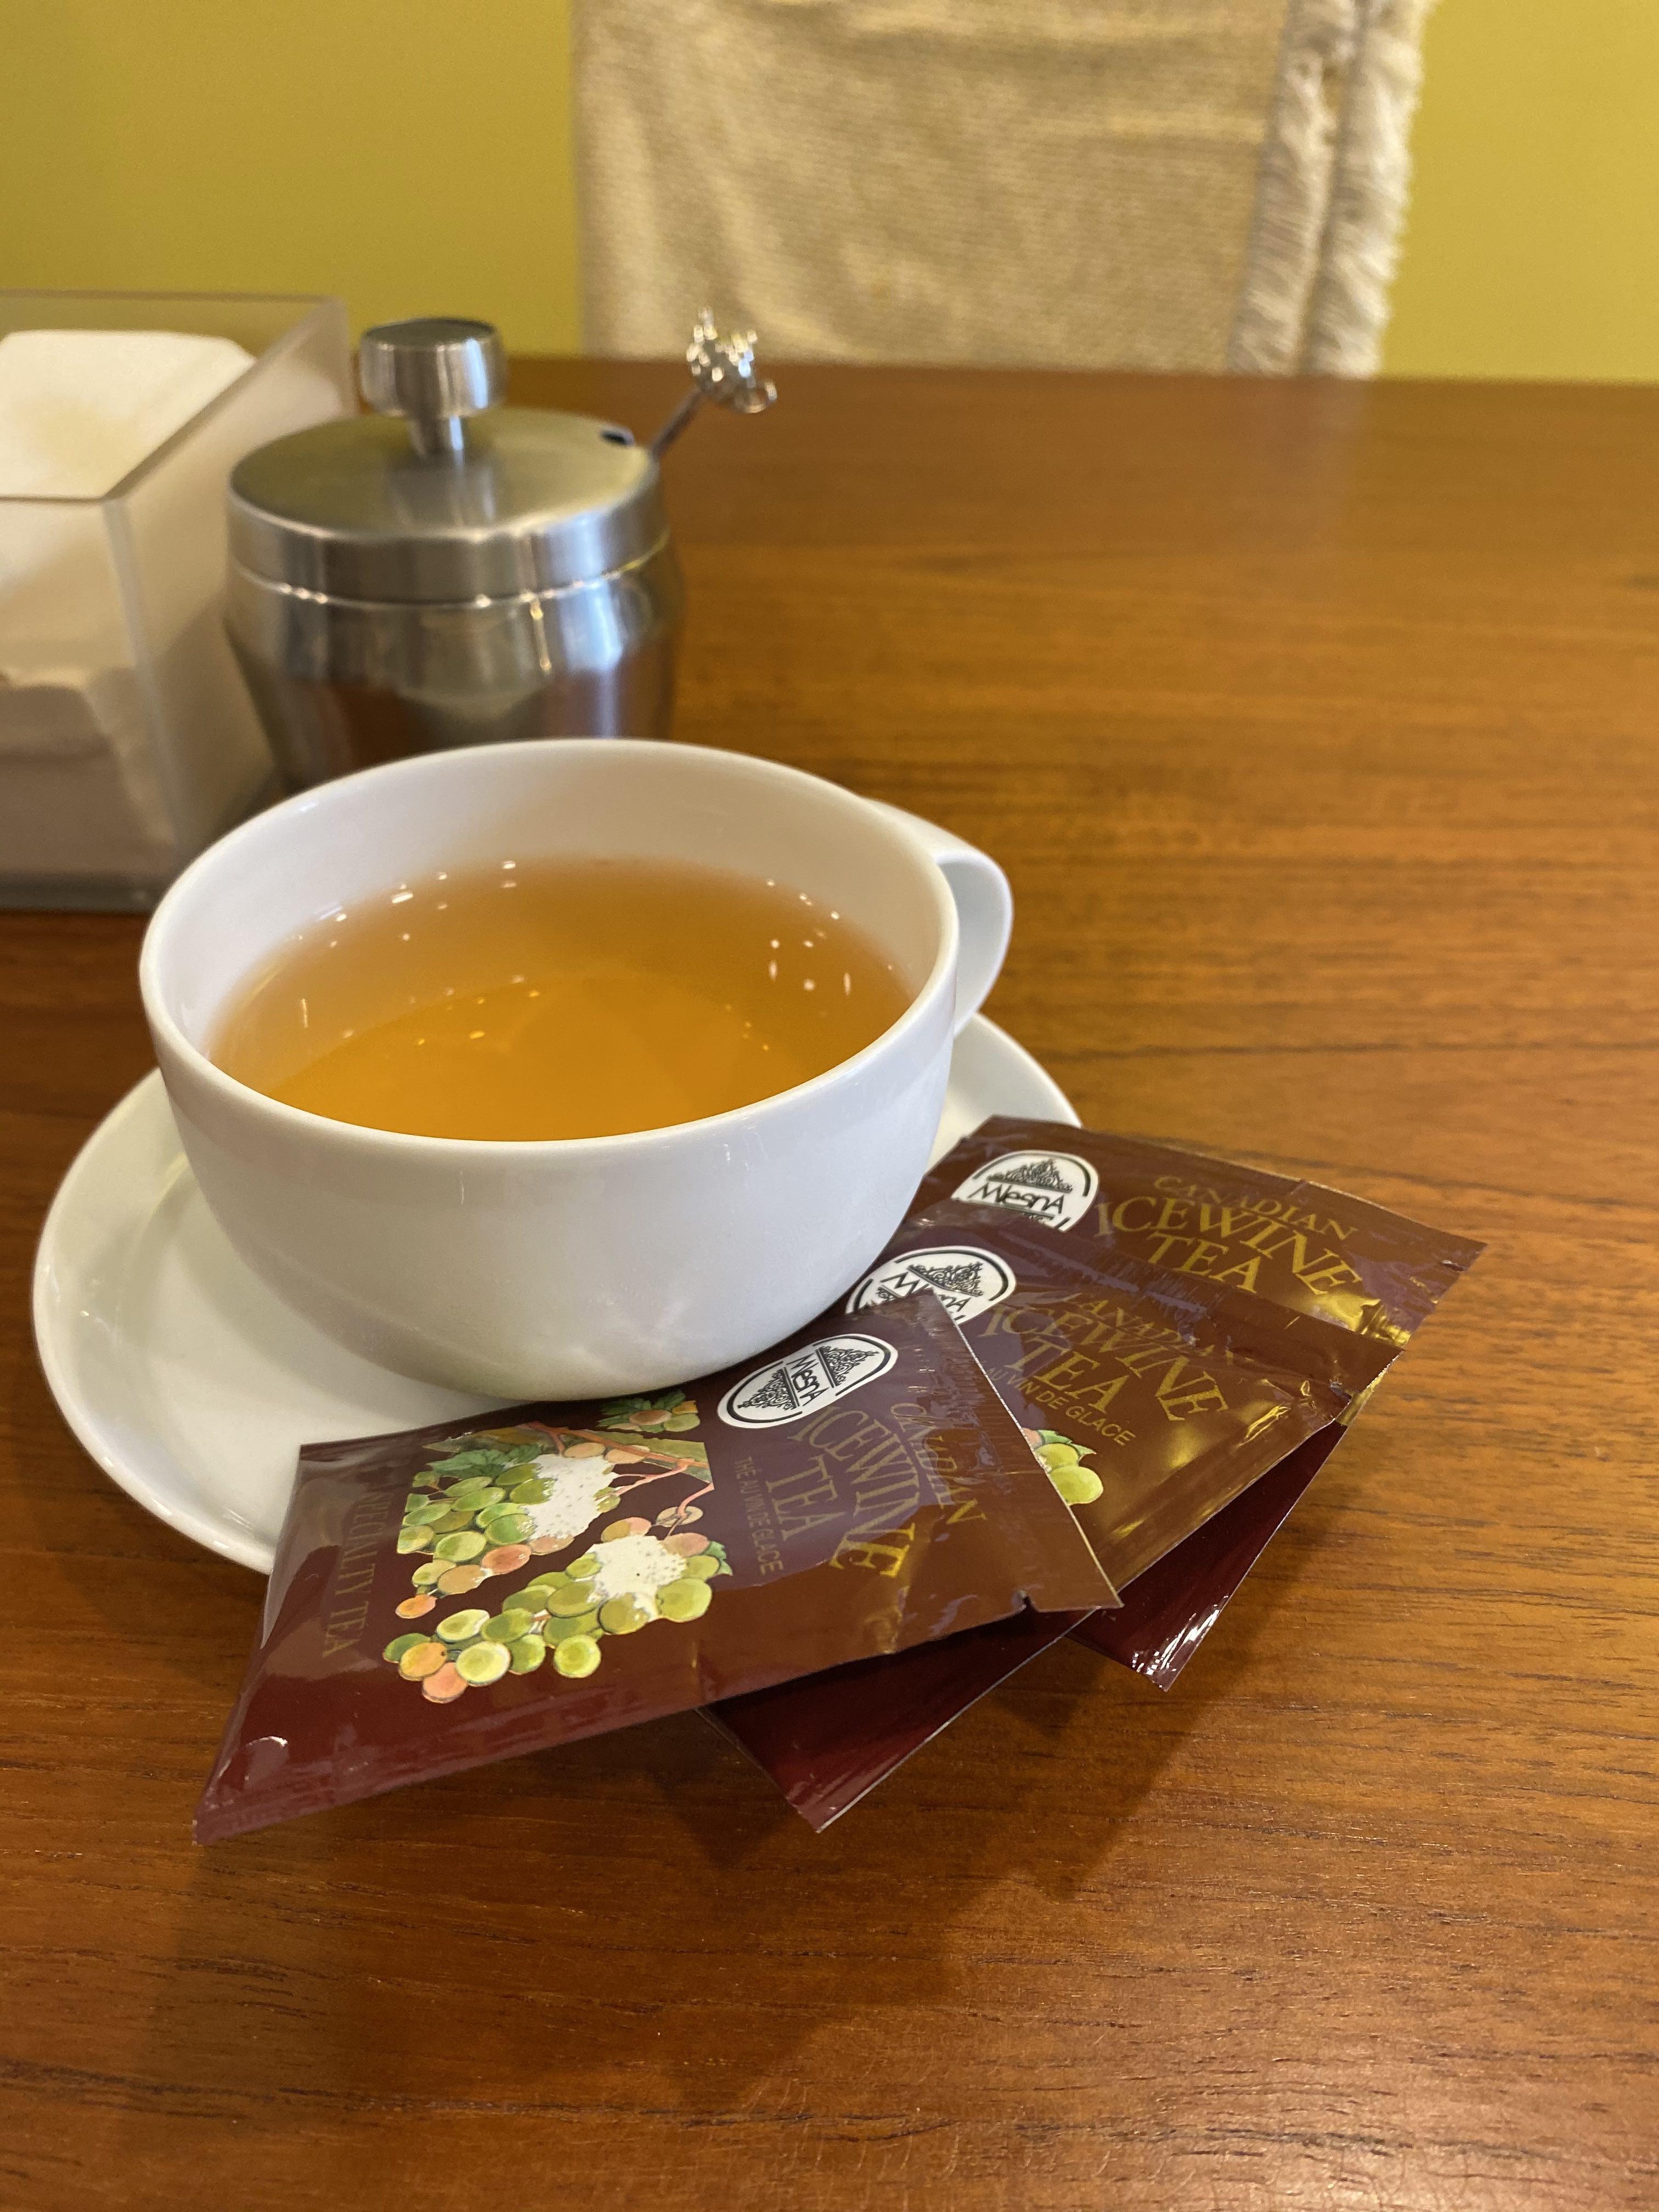 曼斯納 MlesnA - CANADIAN ICEWINE TEA 加拿大冰酒風味紅茶 (30入/盒) 錫蘭紅茶/茶包/茶葉